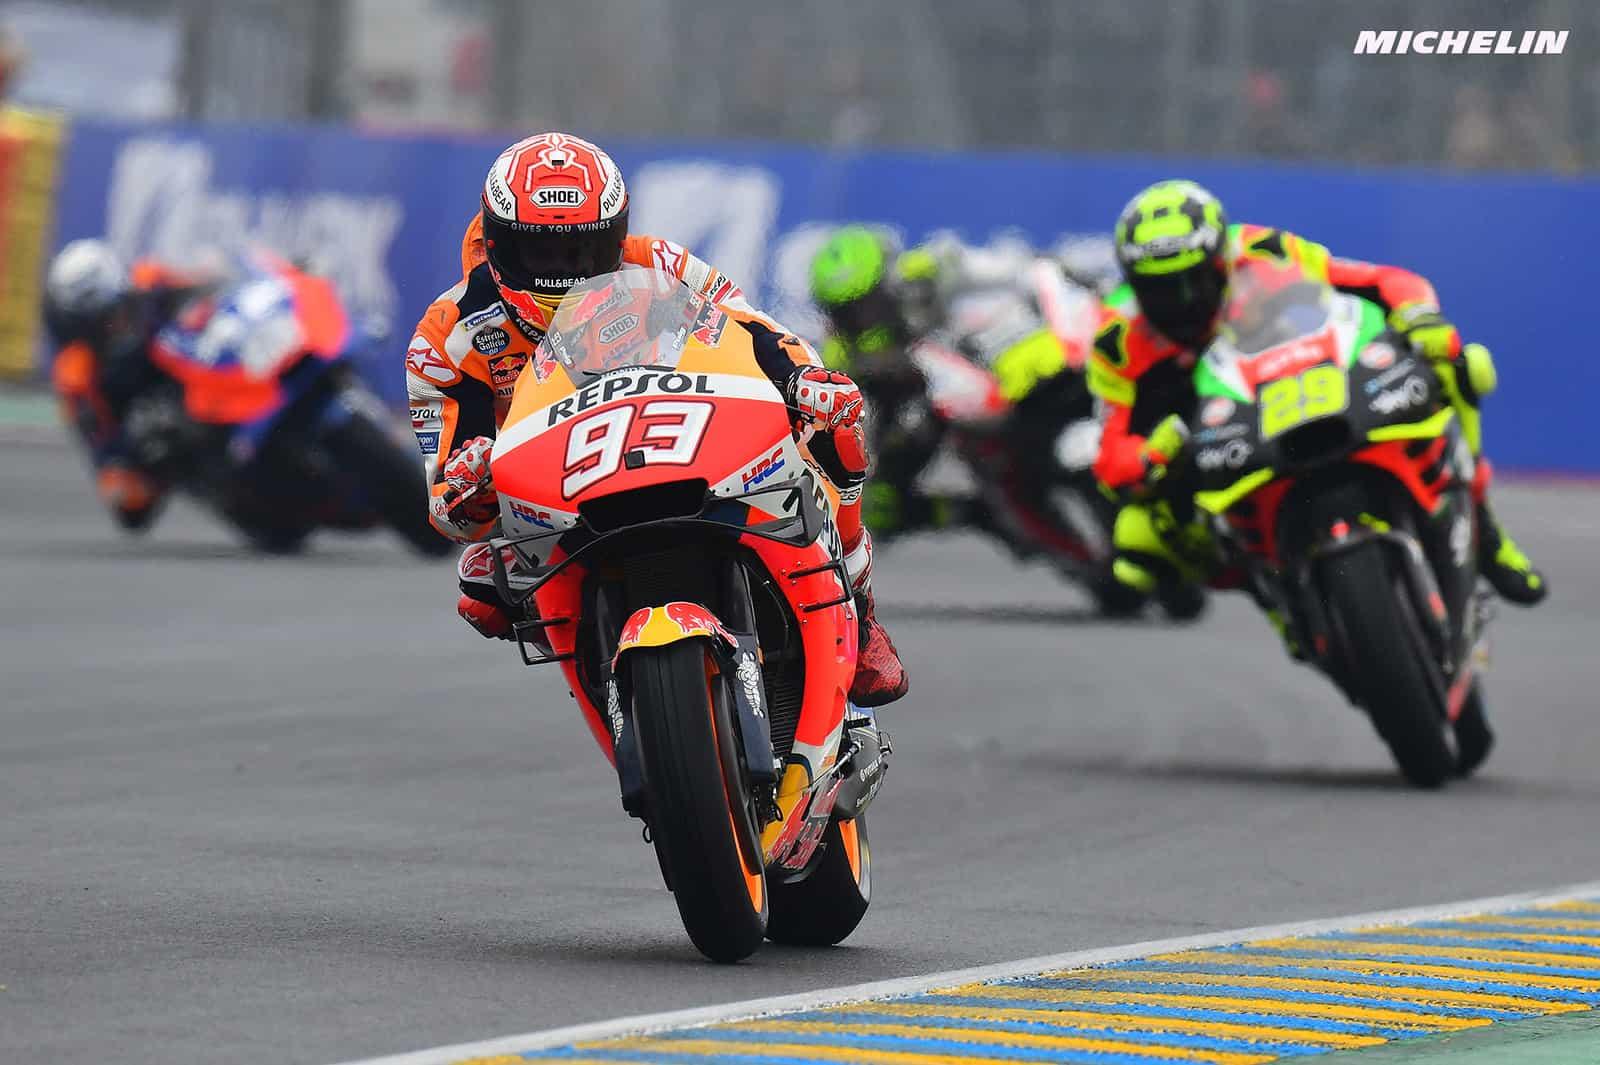 MotoGP2019イタリアGP マルケス「良いレースが出来るという自信がある」